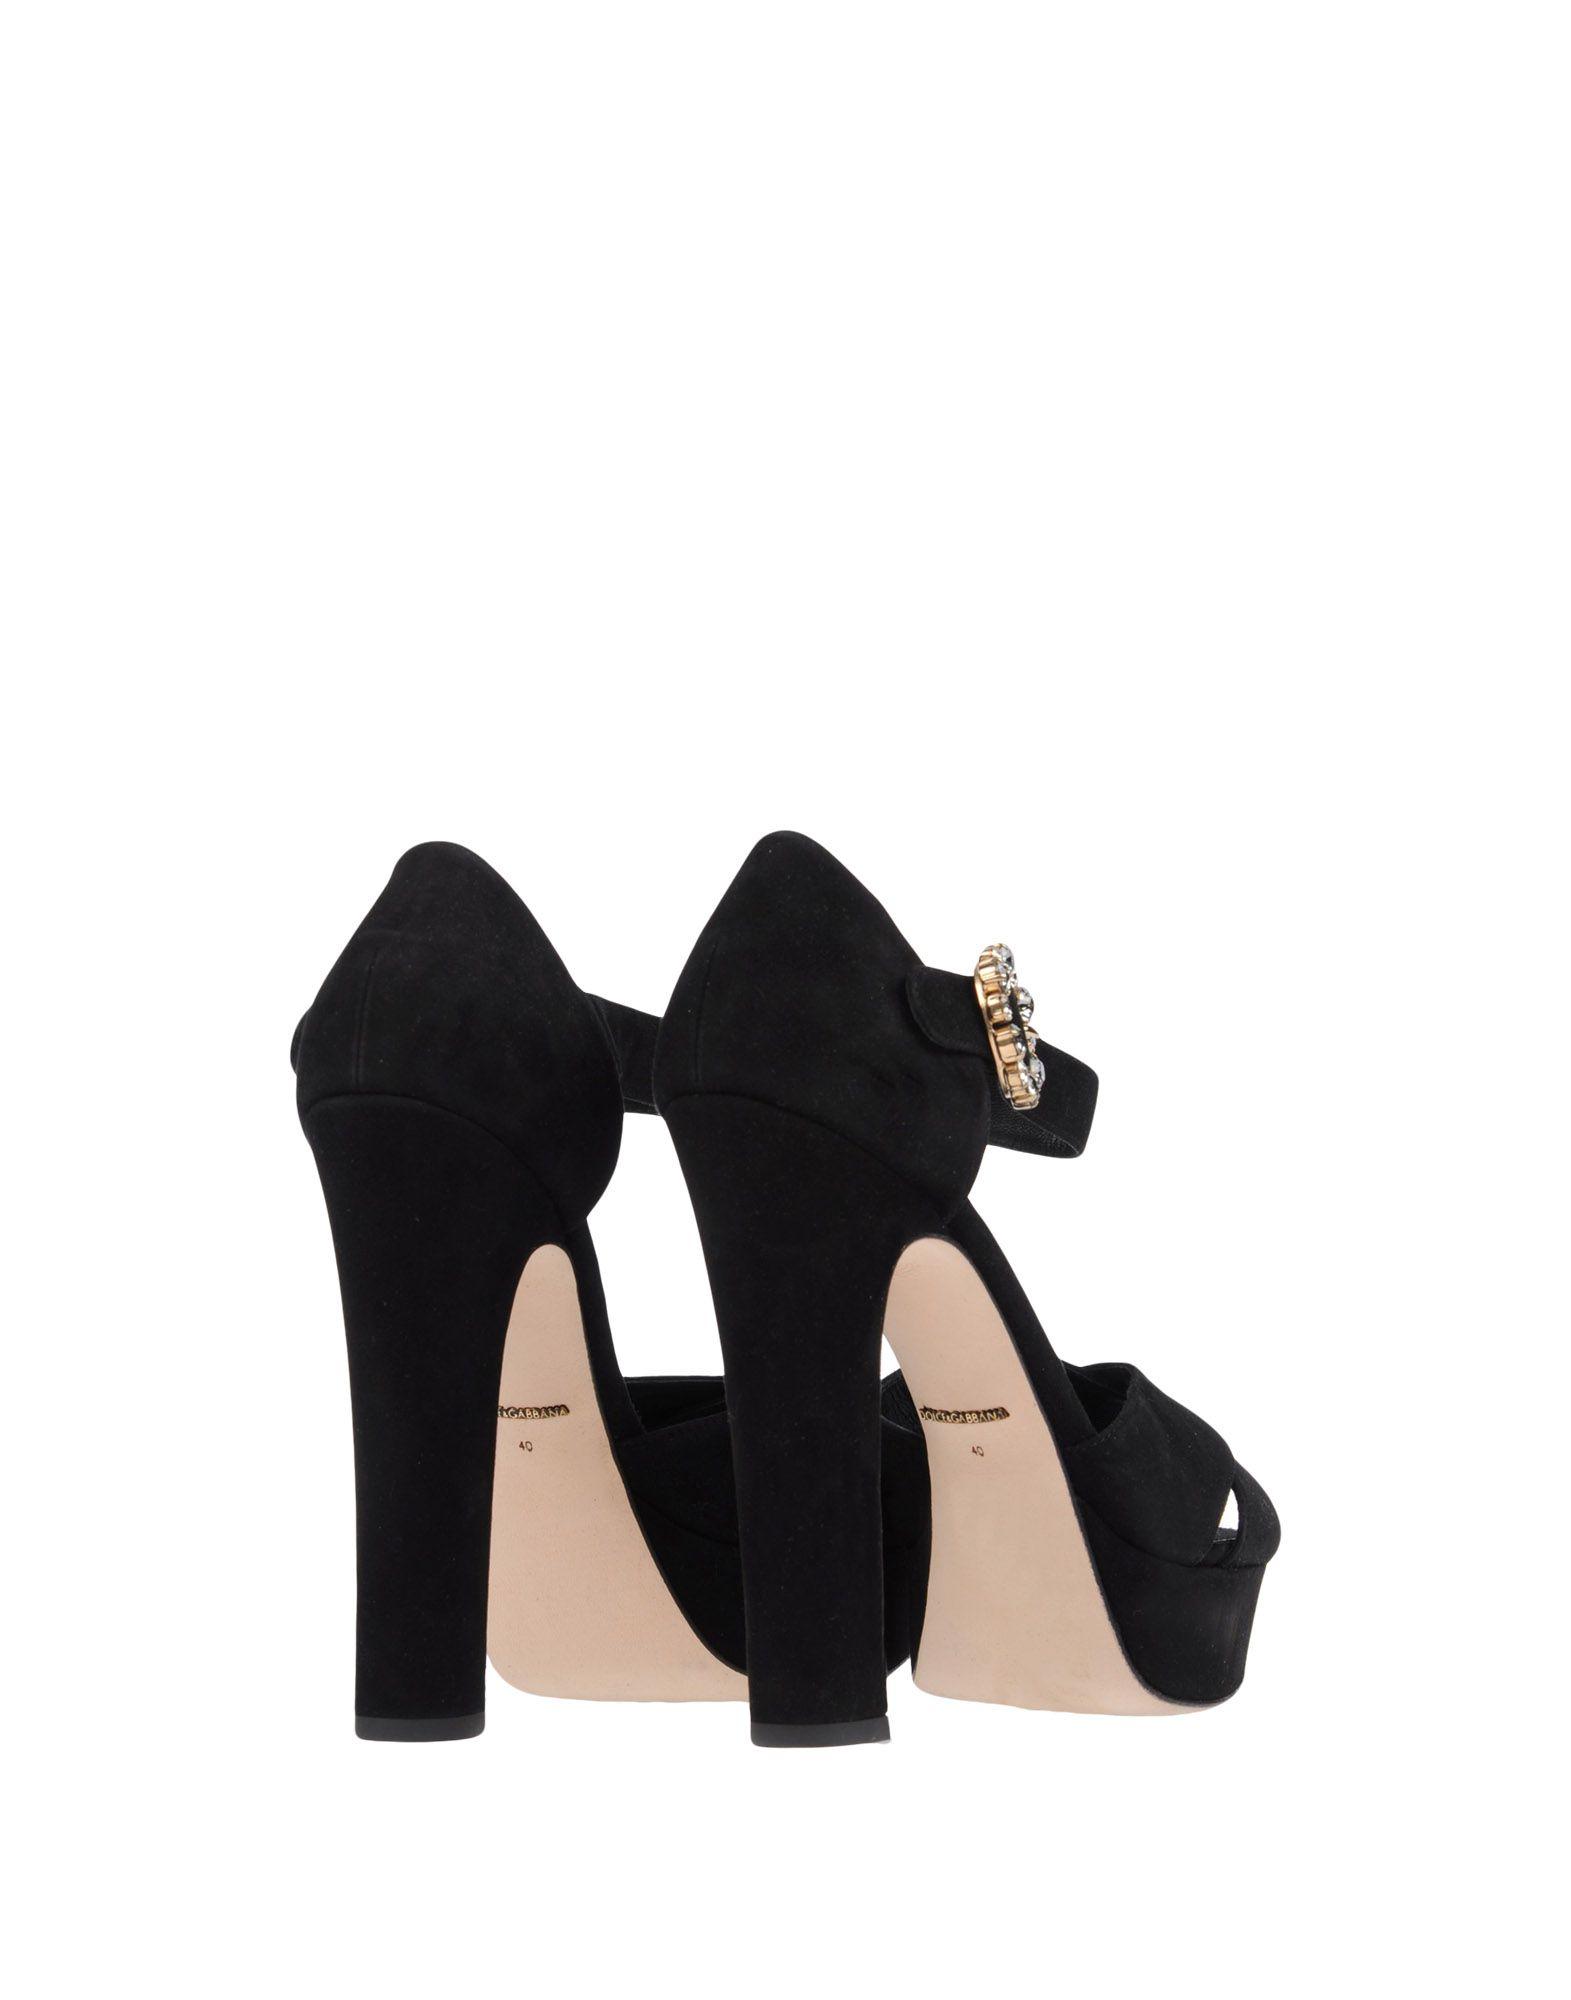 Dolce & Gabbana Sandalen Damen Damen Damen  11242822HL Neue Schuhe 95cc25